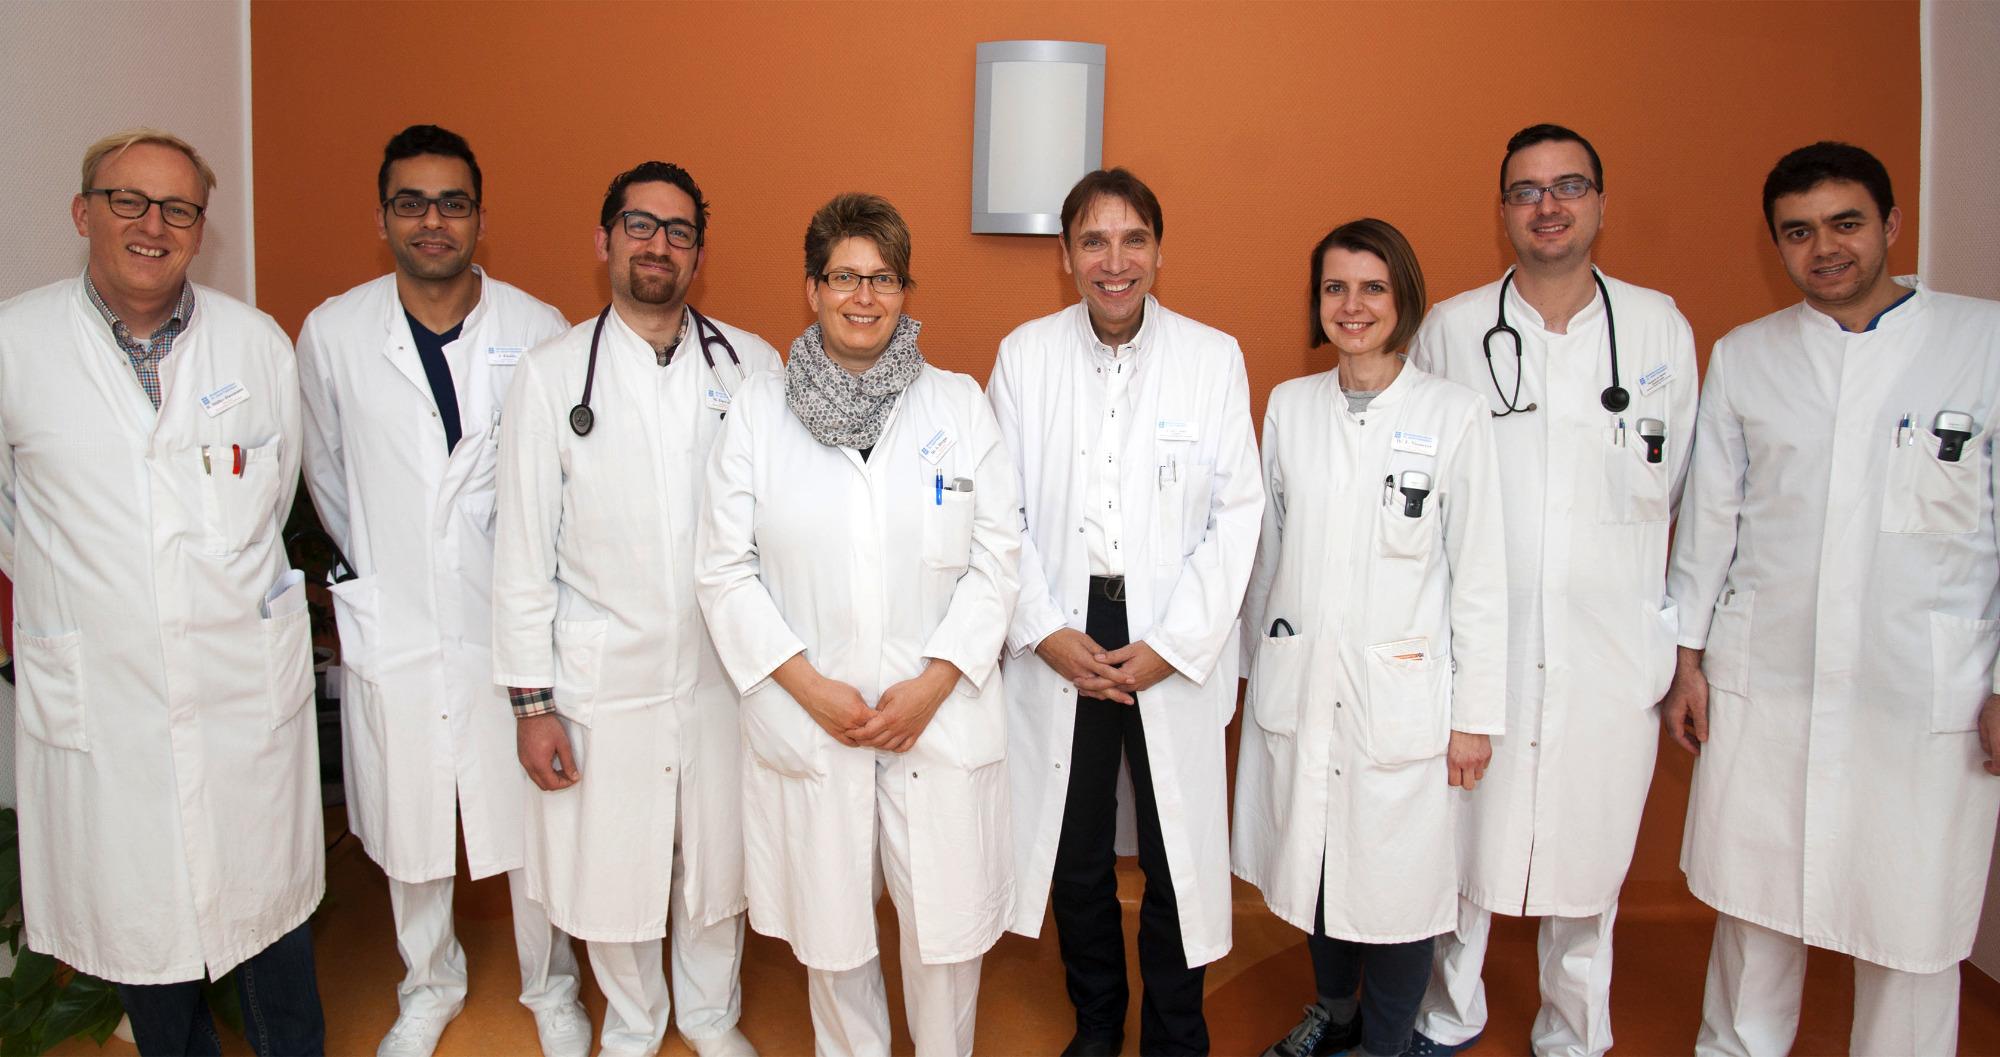 Behandlung im krankenhaus mit folgen 7